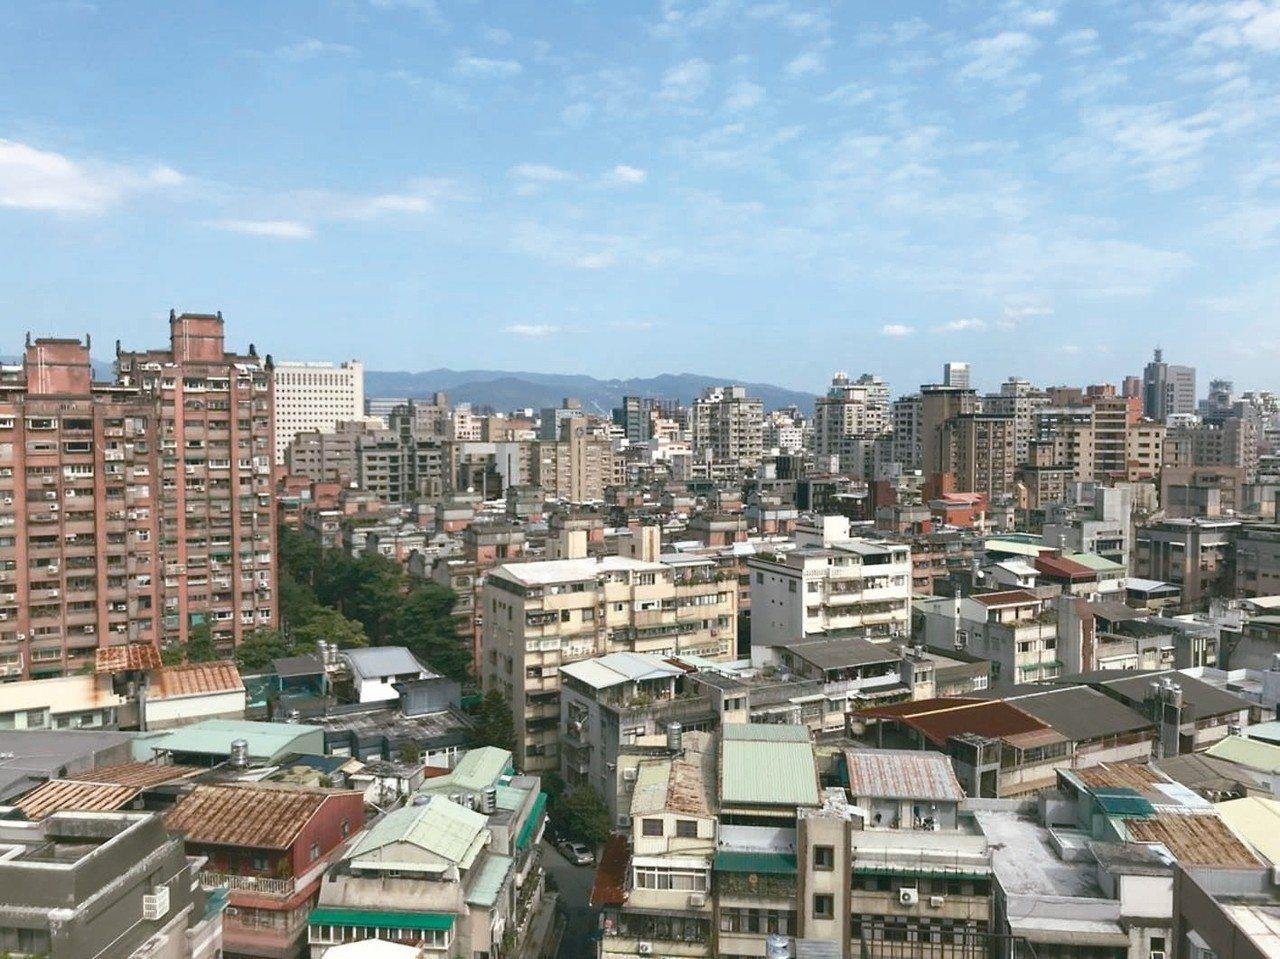 台北市北投區等低價區4月建物買賣移轉棟數年增率表現搶眼。 本報系資料庫